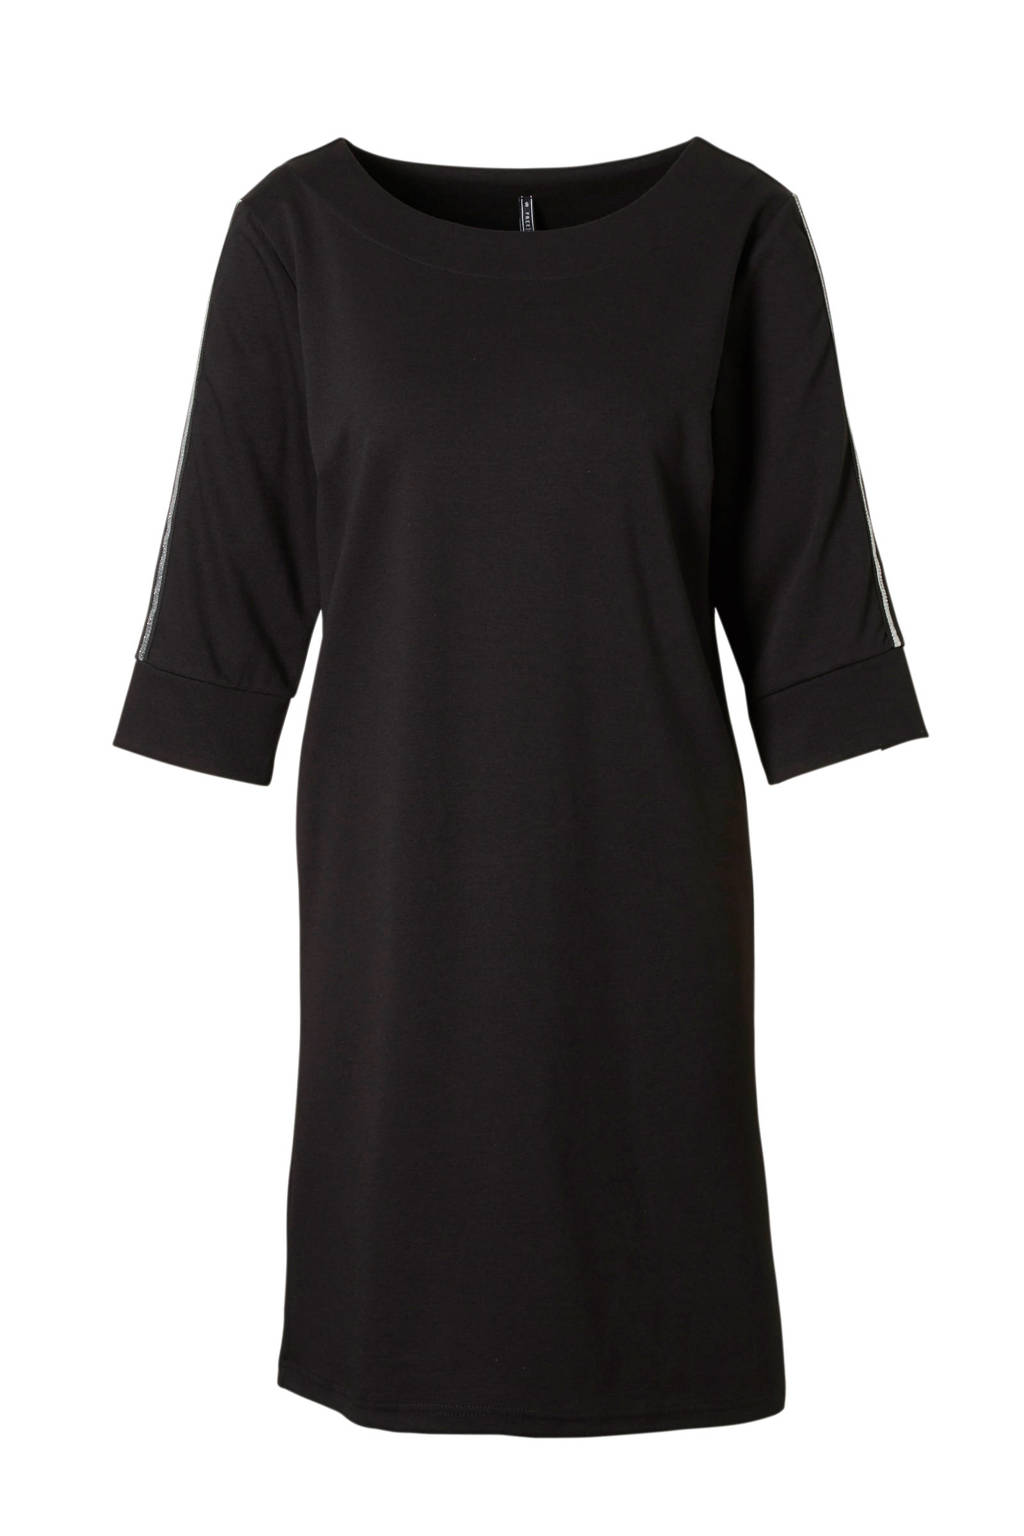 FREEQUENT Dandy jurk, Zwart